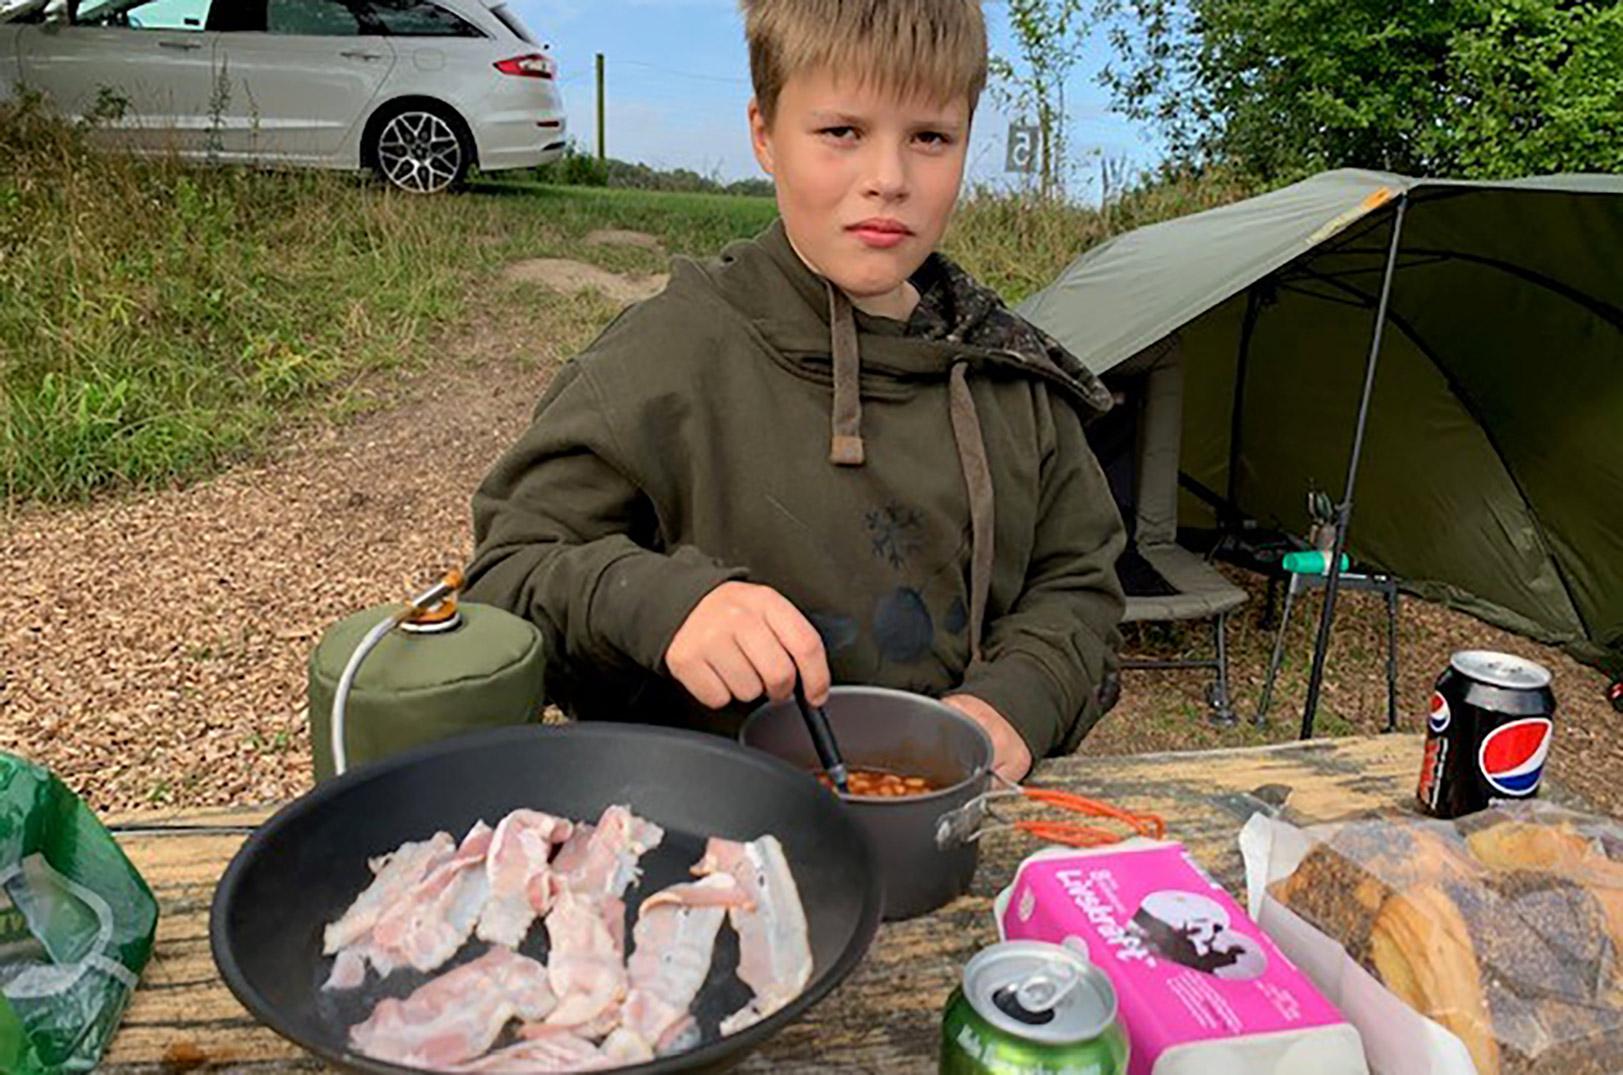 Det var Victor der fightede den stor4e malle, men han ville helere hyugge med madlavningen end at hoppe i vandet for at blive fotograferet med den store fisk.